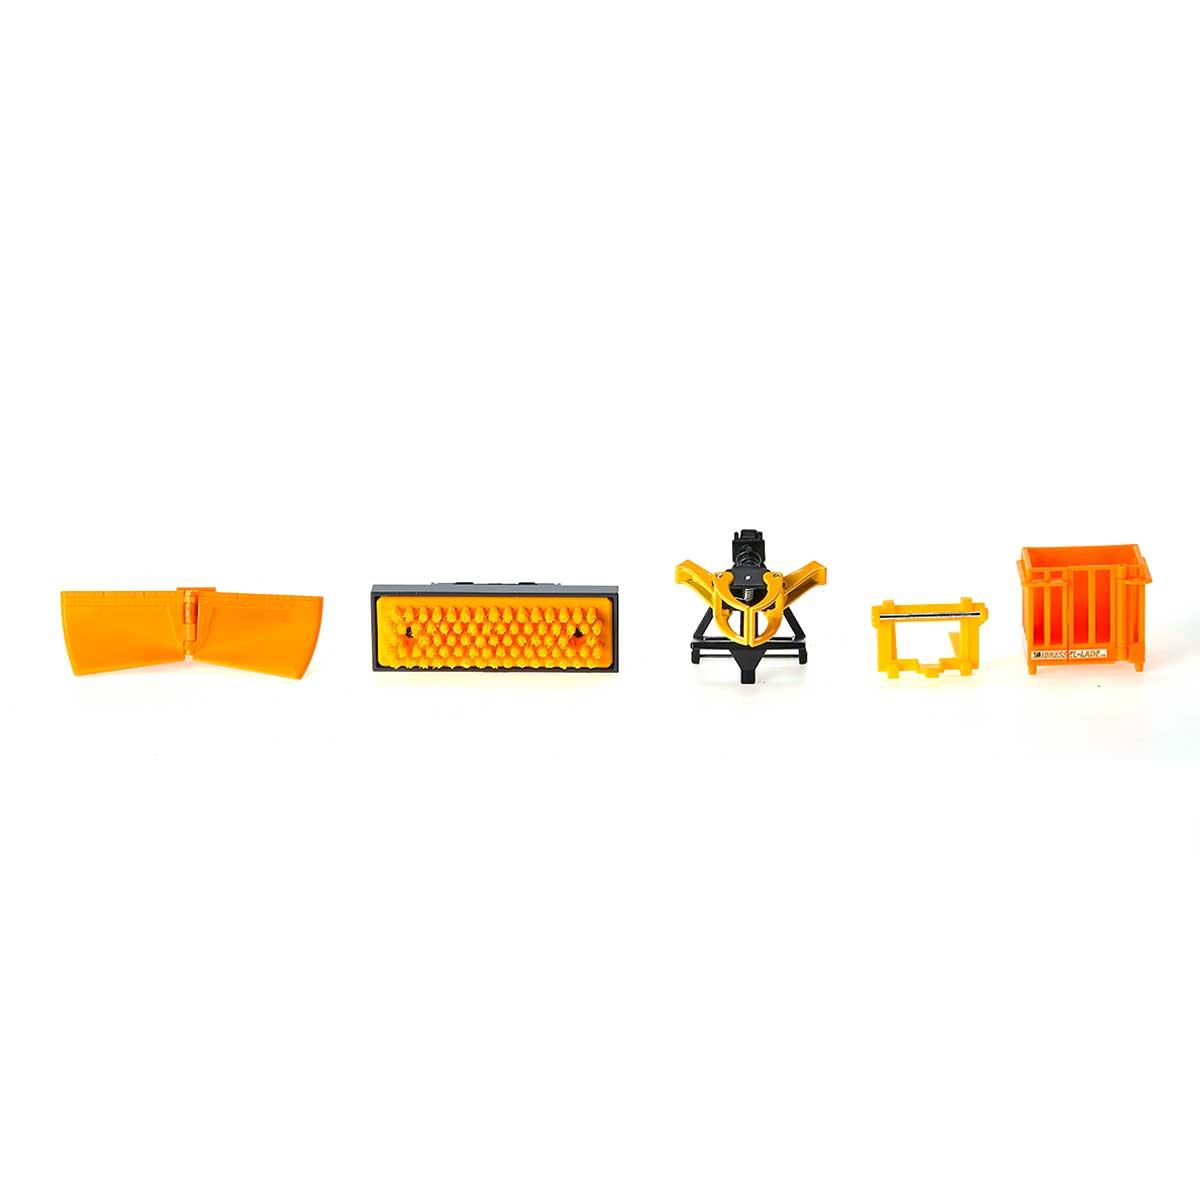 フロントローダー アクセサリーセット4種 1:32 (ジク・SIKU)